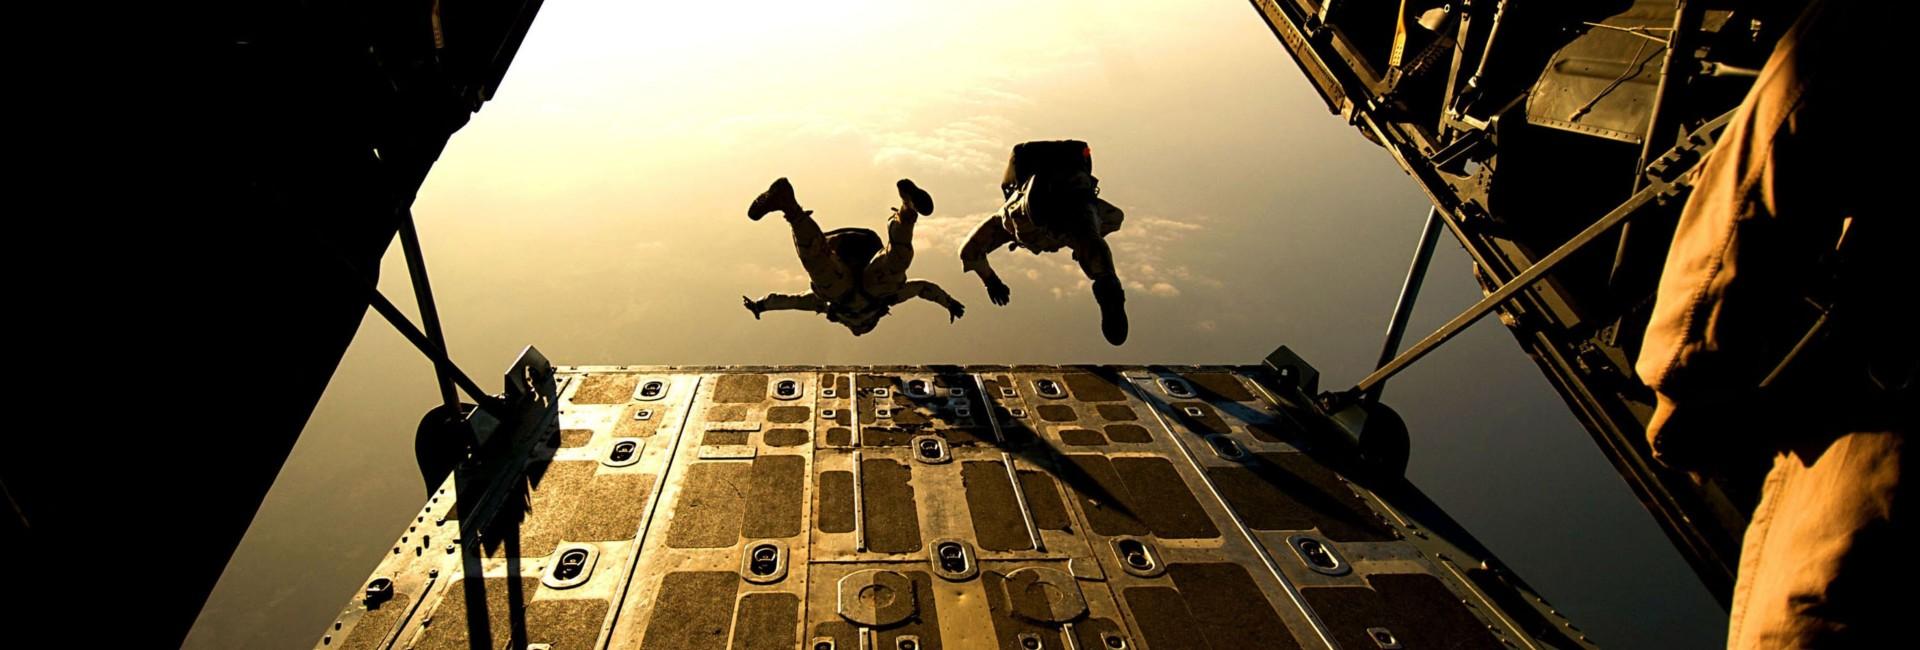 Weerbare Special Forces verlaten vliegtuig